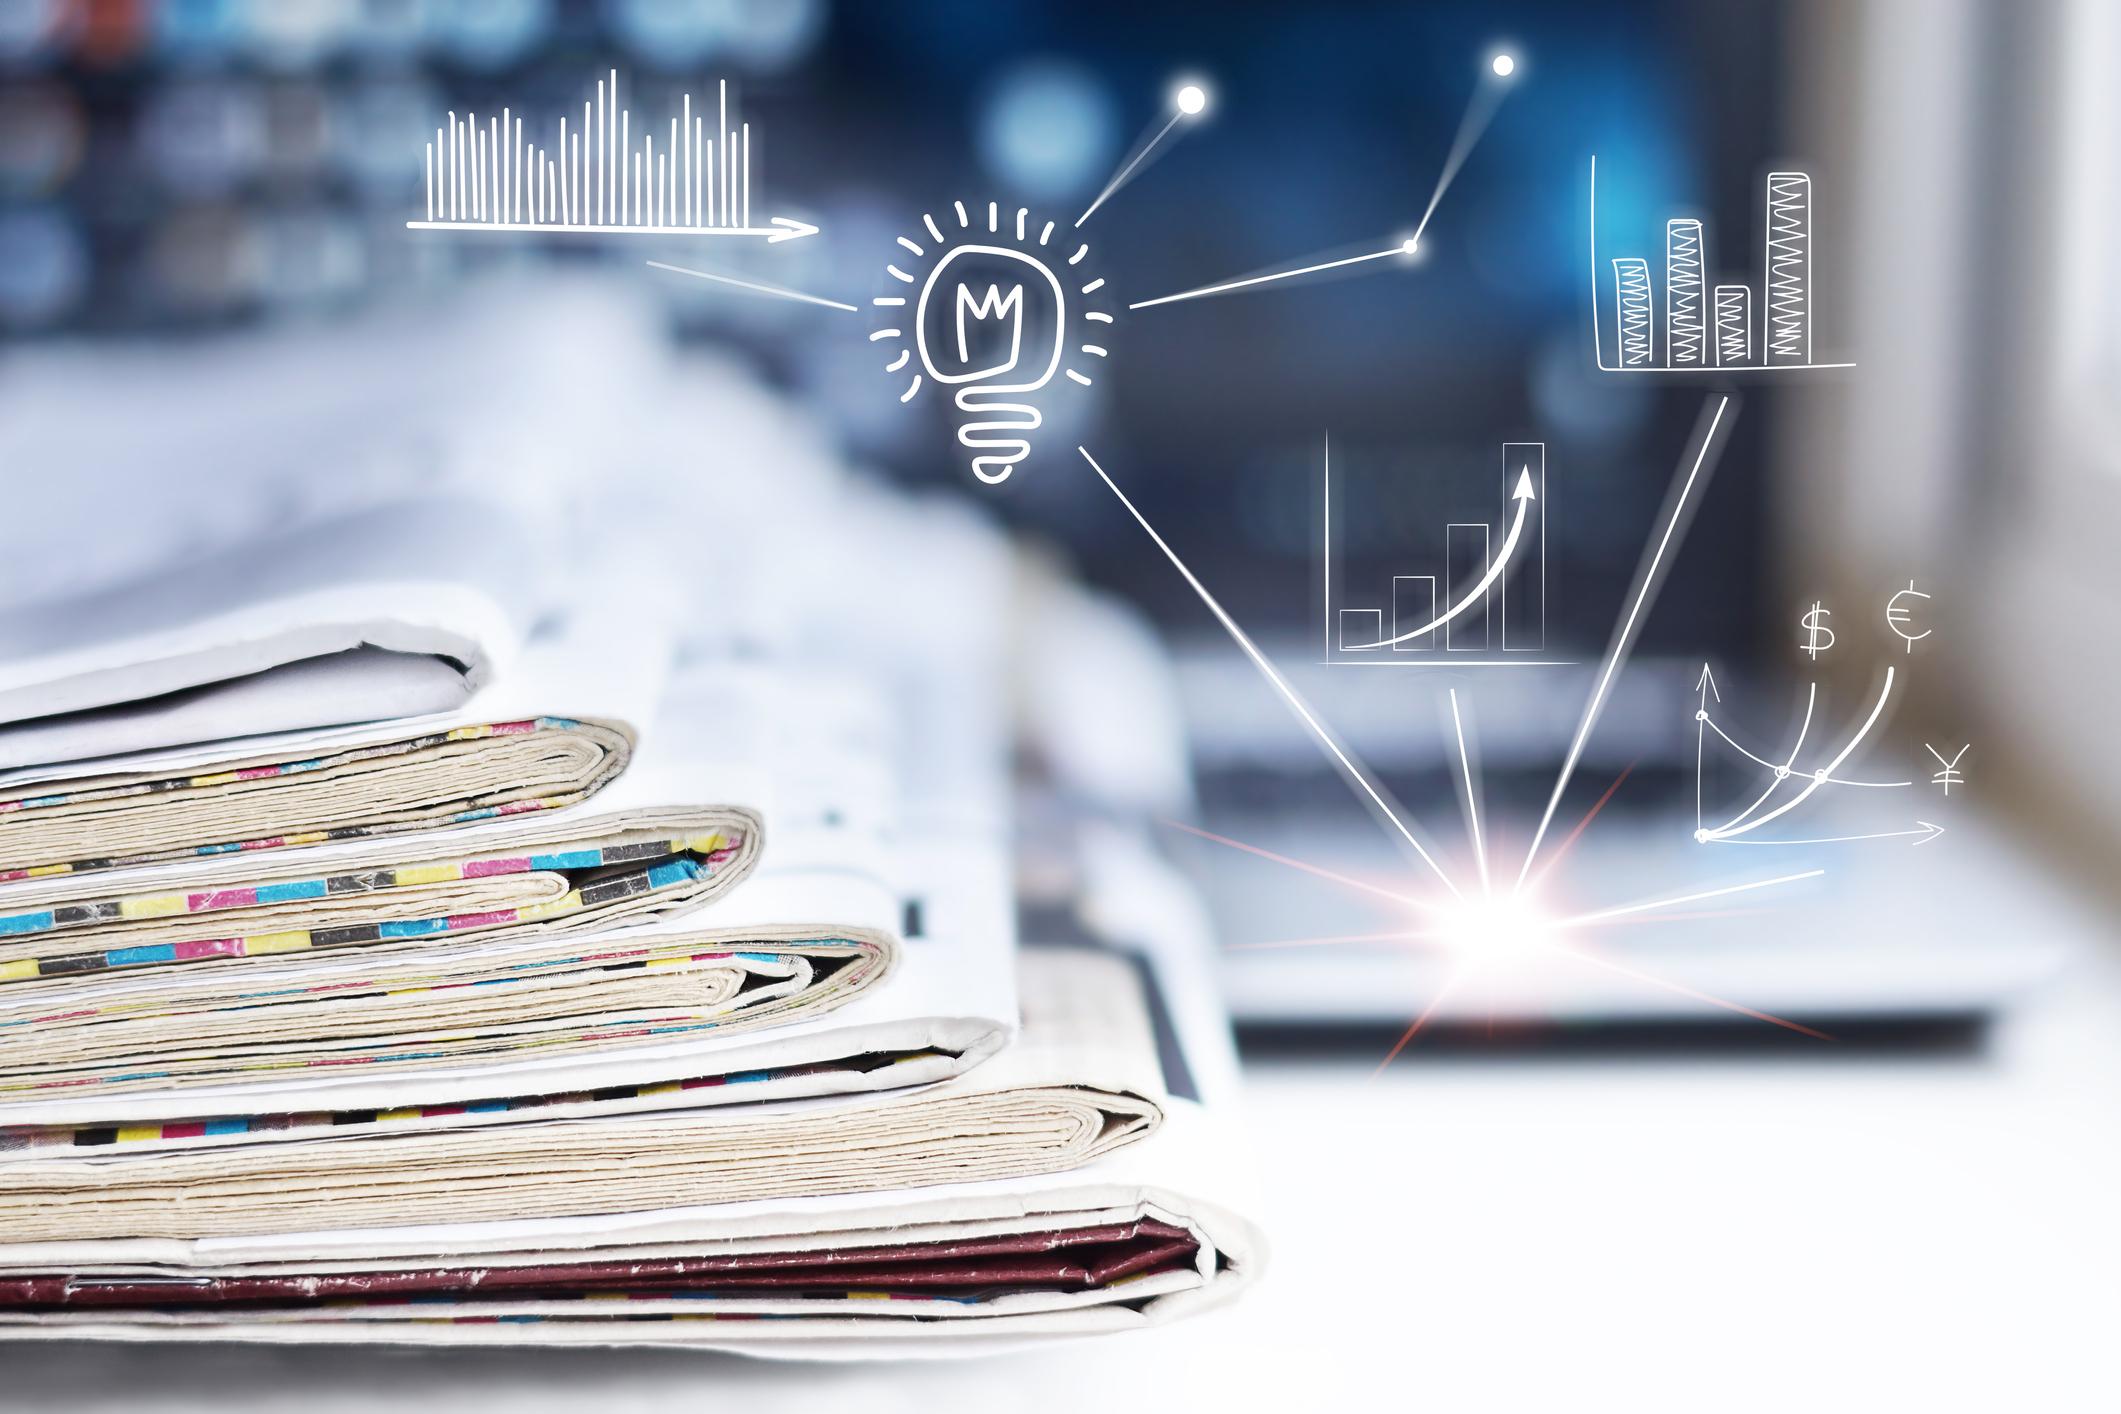 Piața de media este reconturată de tehnologie, mediul de lucru şi comportamentul consumatorului